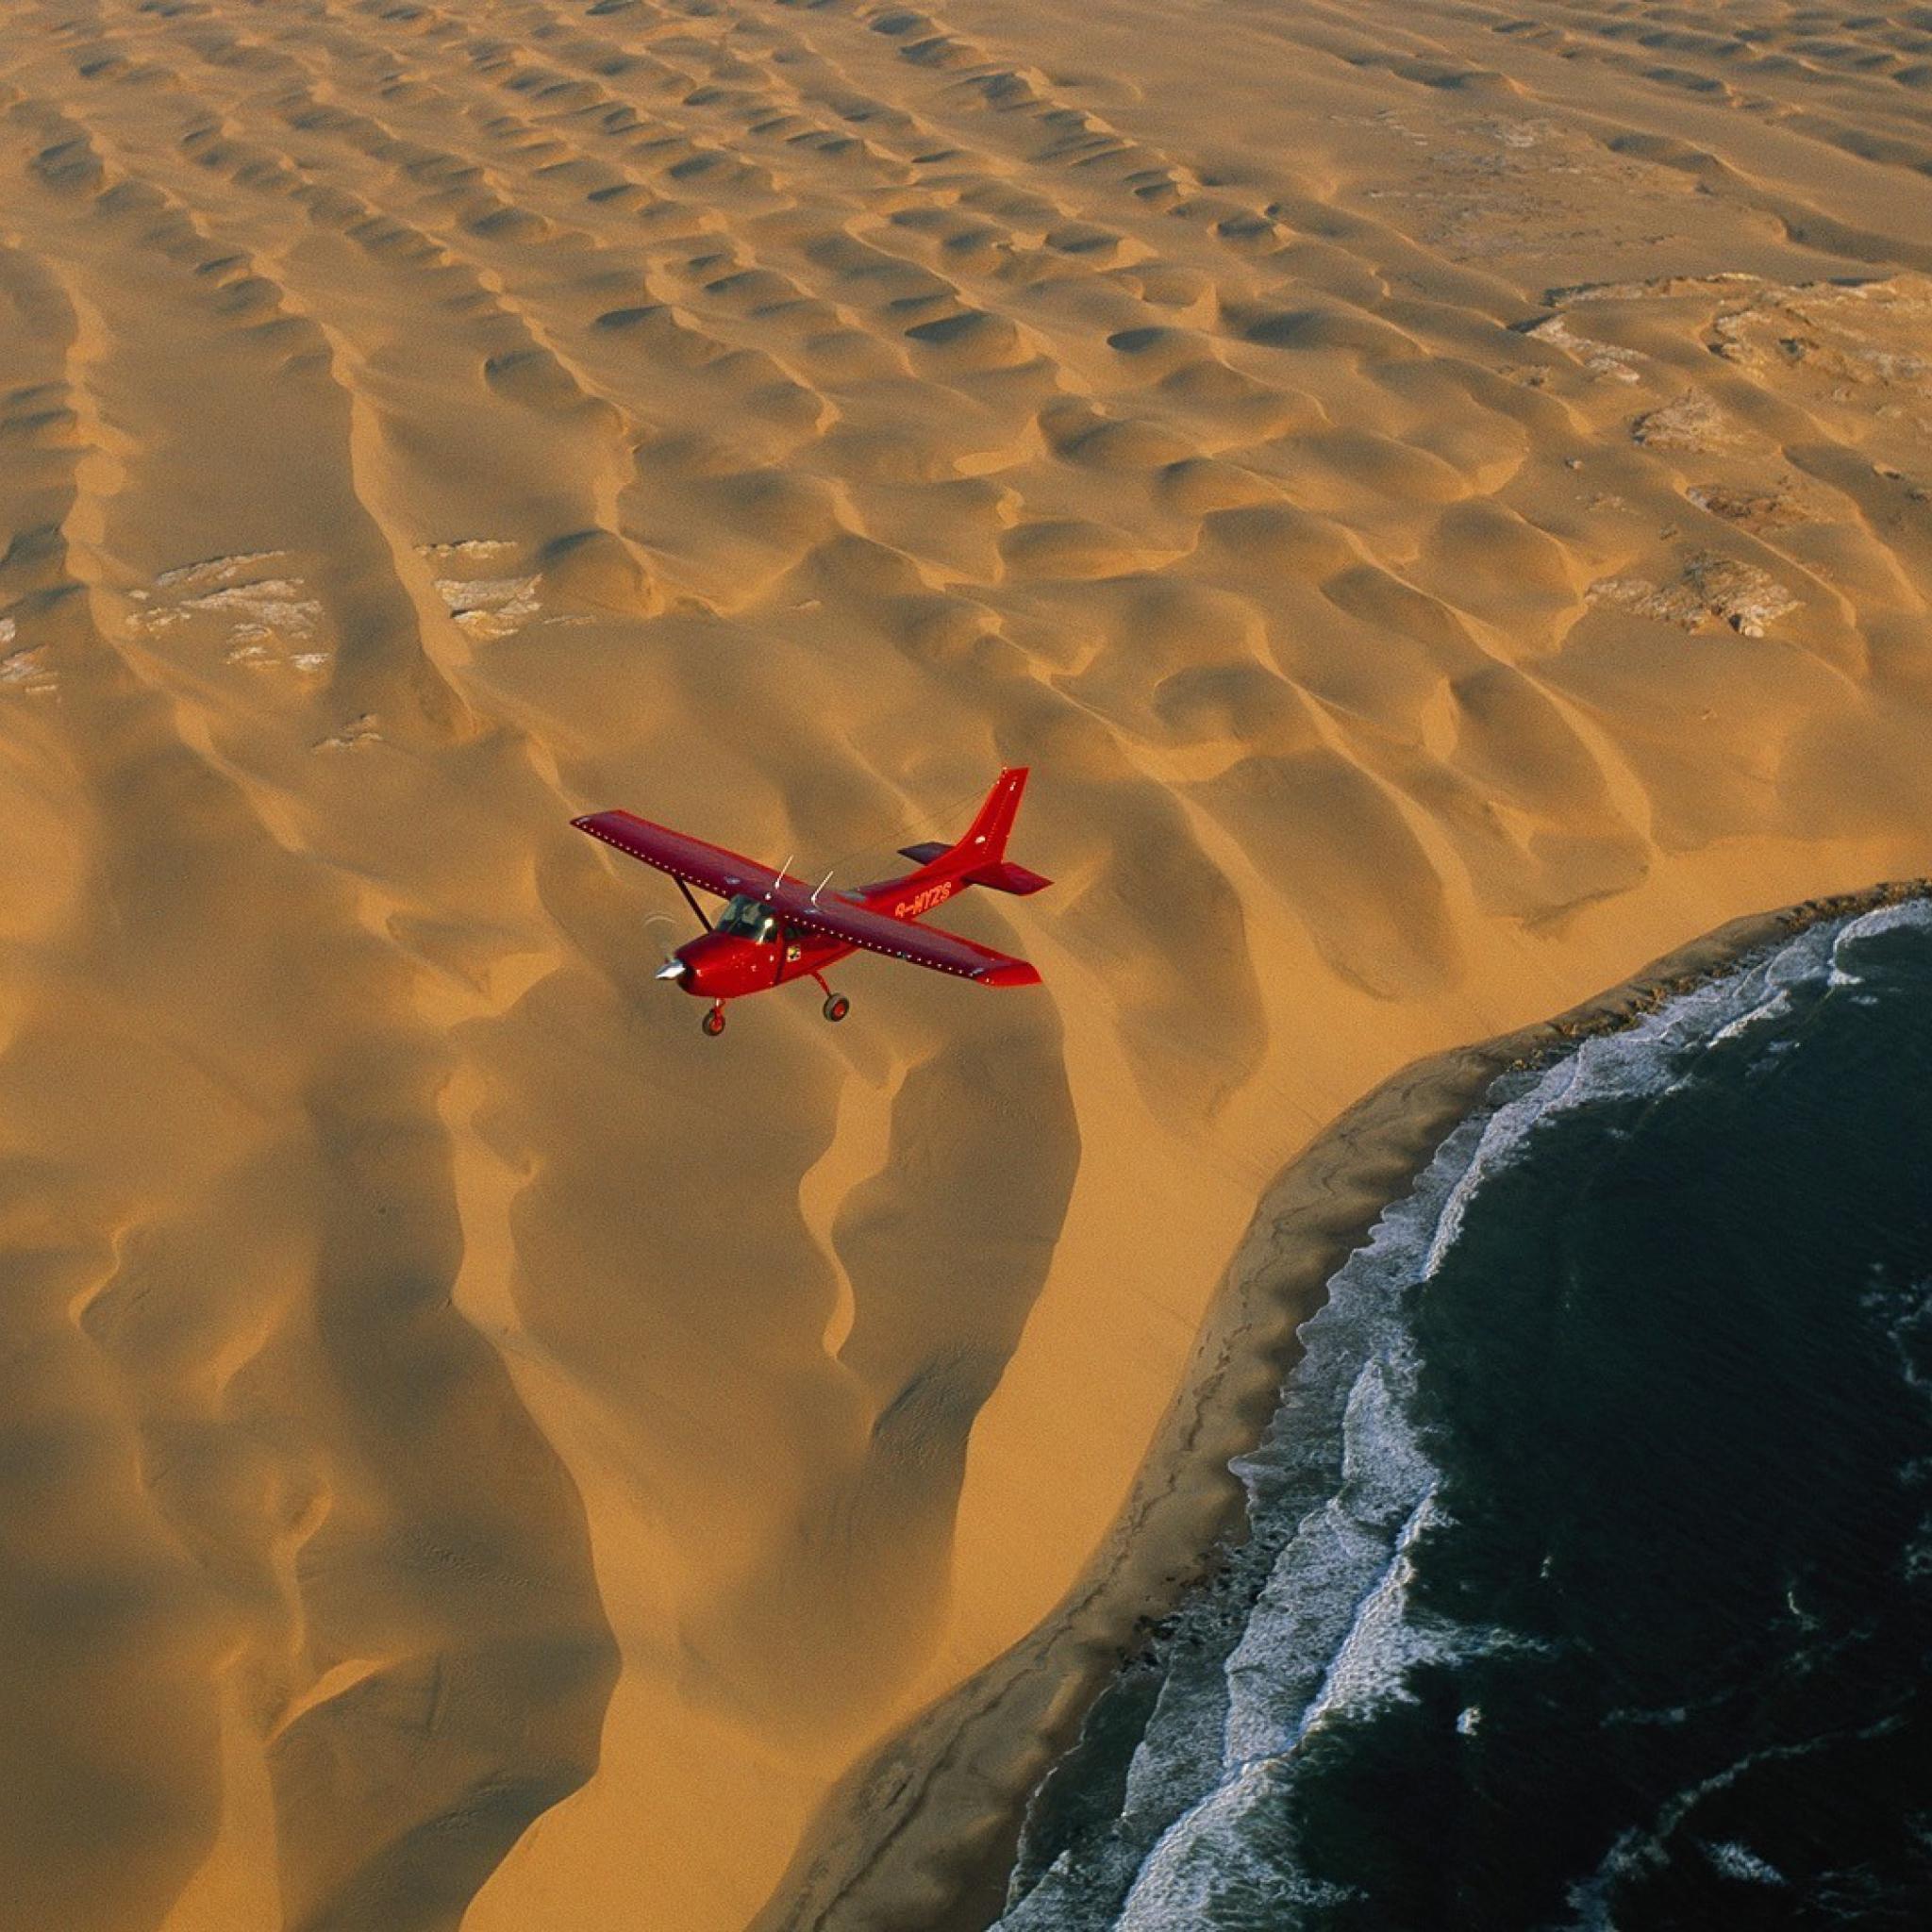 Желтый самолет в пустыне скачать